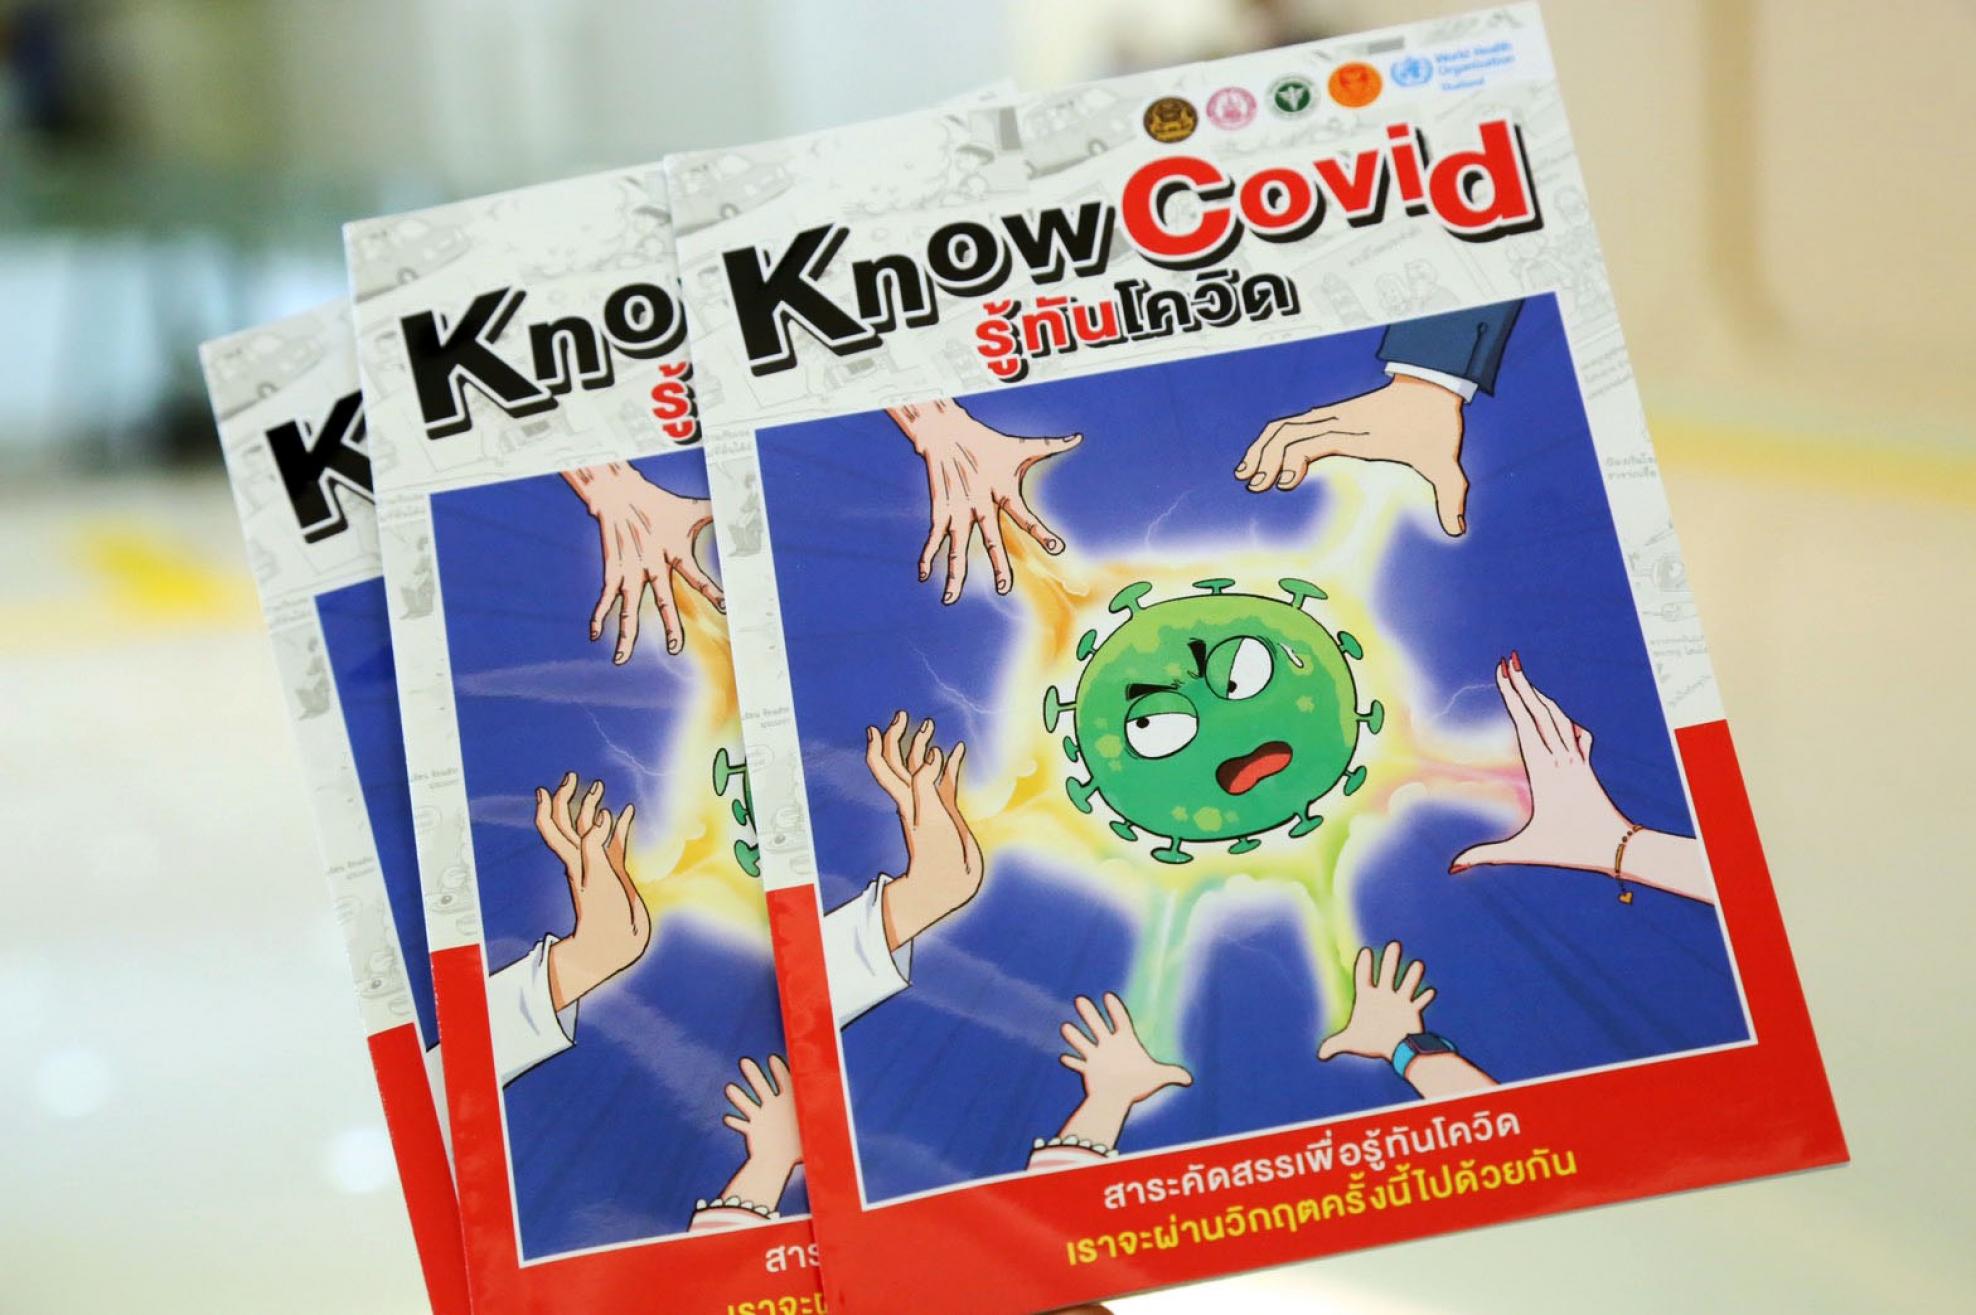 'KnowCovid : รู้ทันโควิด' หนังสือการ์ตูนแก๊กขำขันที่แบ่งปันความเข้าใจเรื่องโควิด-19